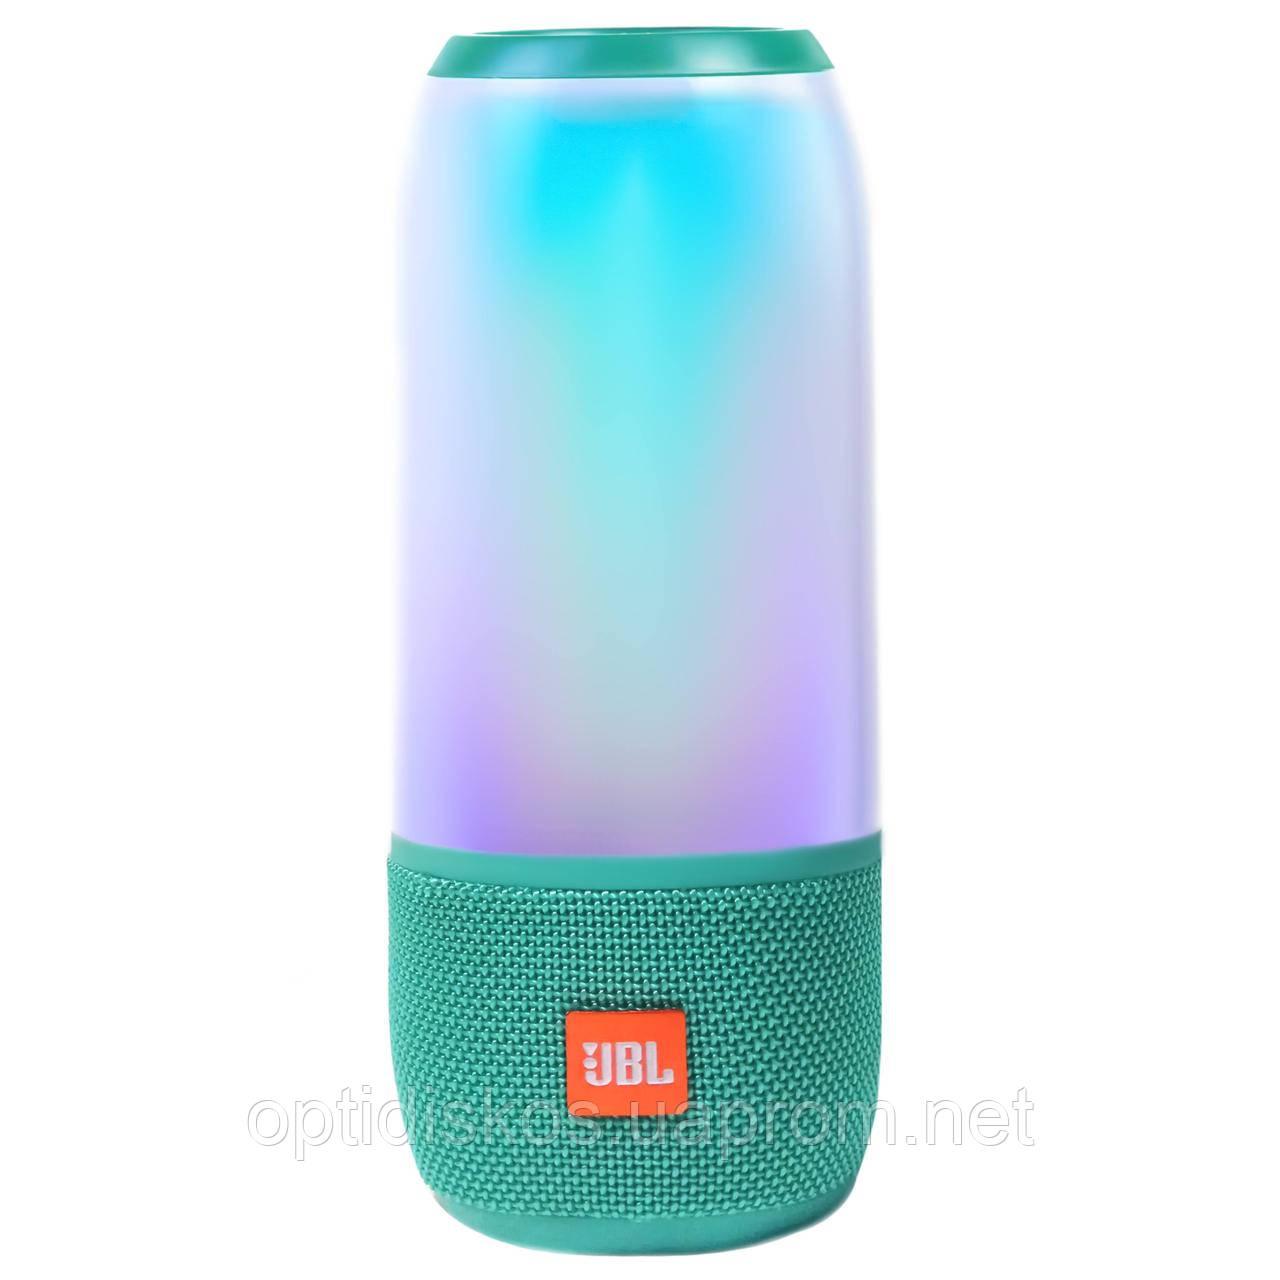 Bluetooth портативная колонка Pulse 3, с 2-динамиками, сабвуфером, светомузыкой, 23см*9см, голубая